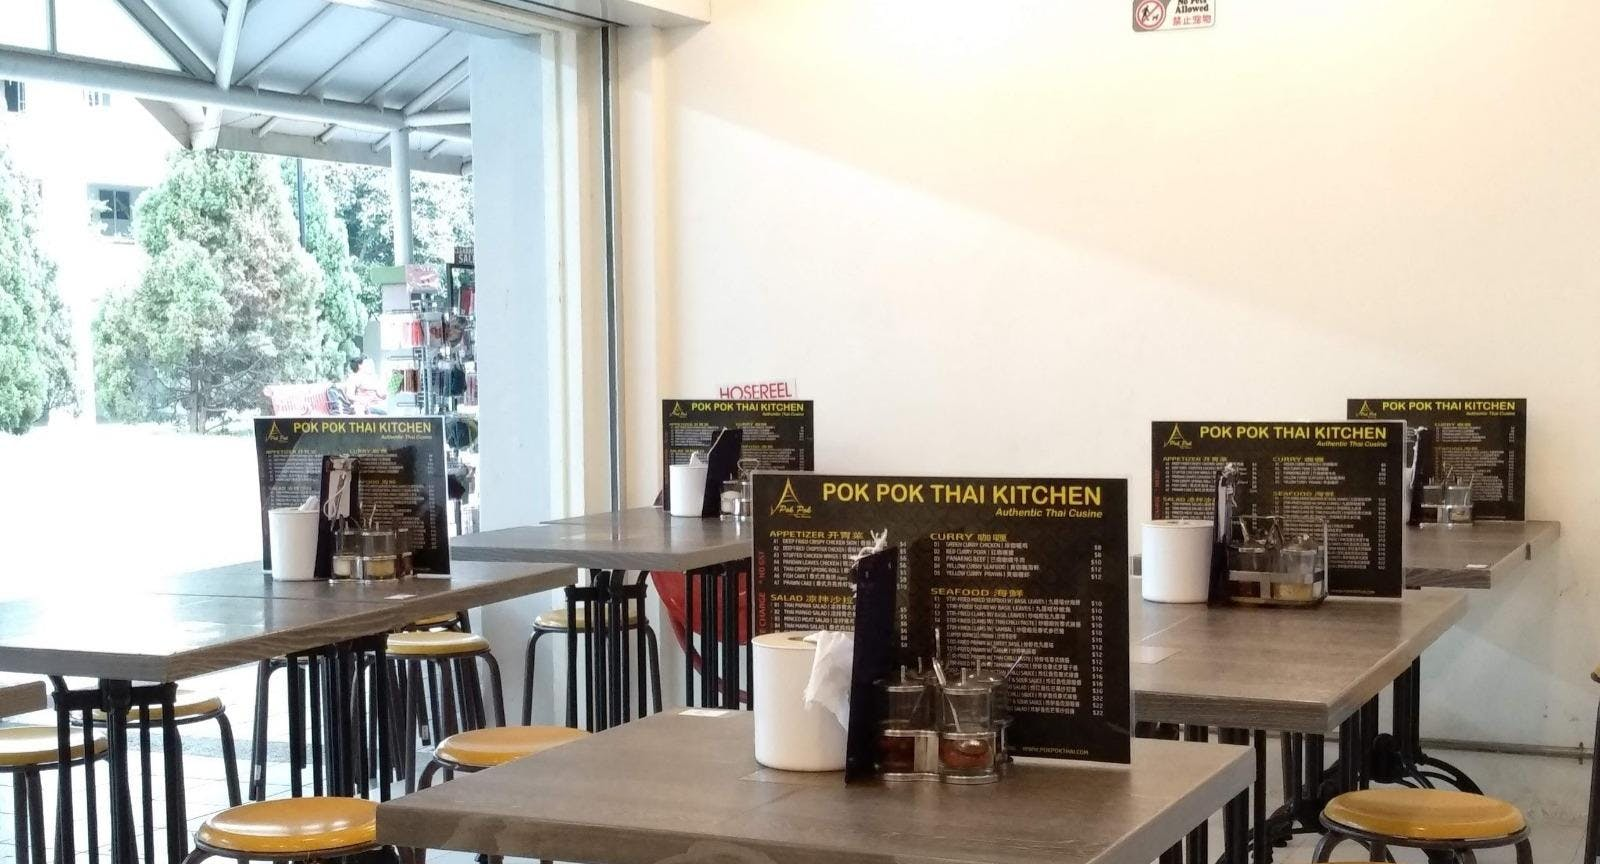 Reviews Of Pok Pok Thai Kitchen Singapore